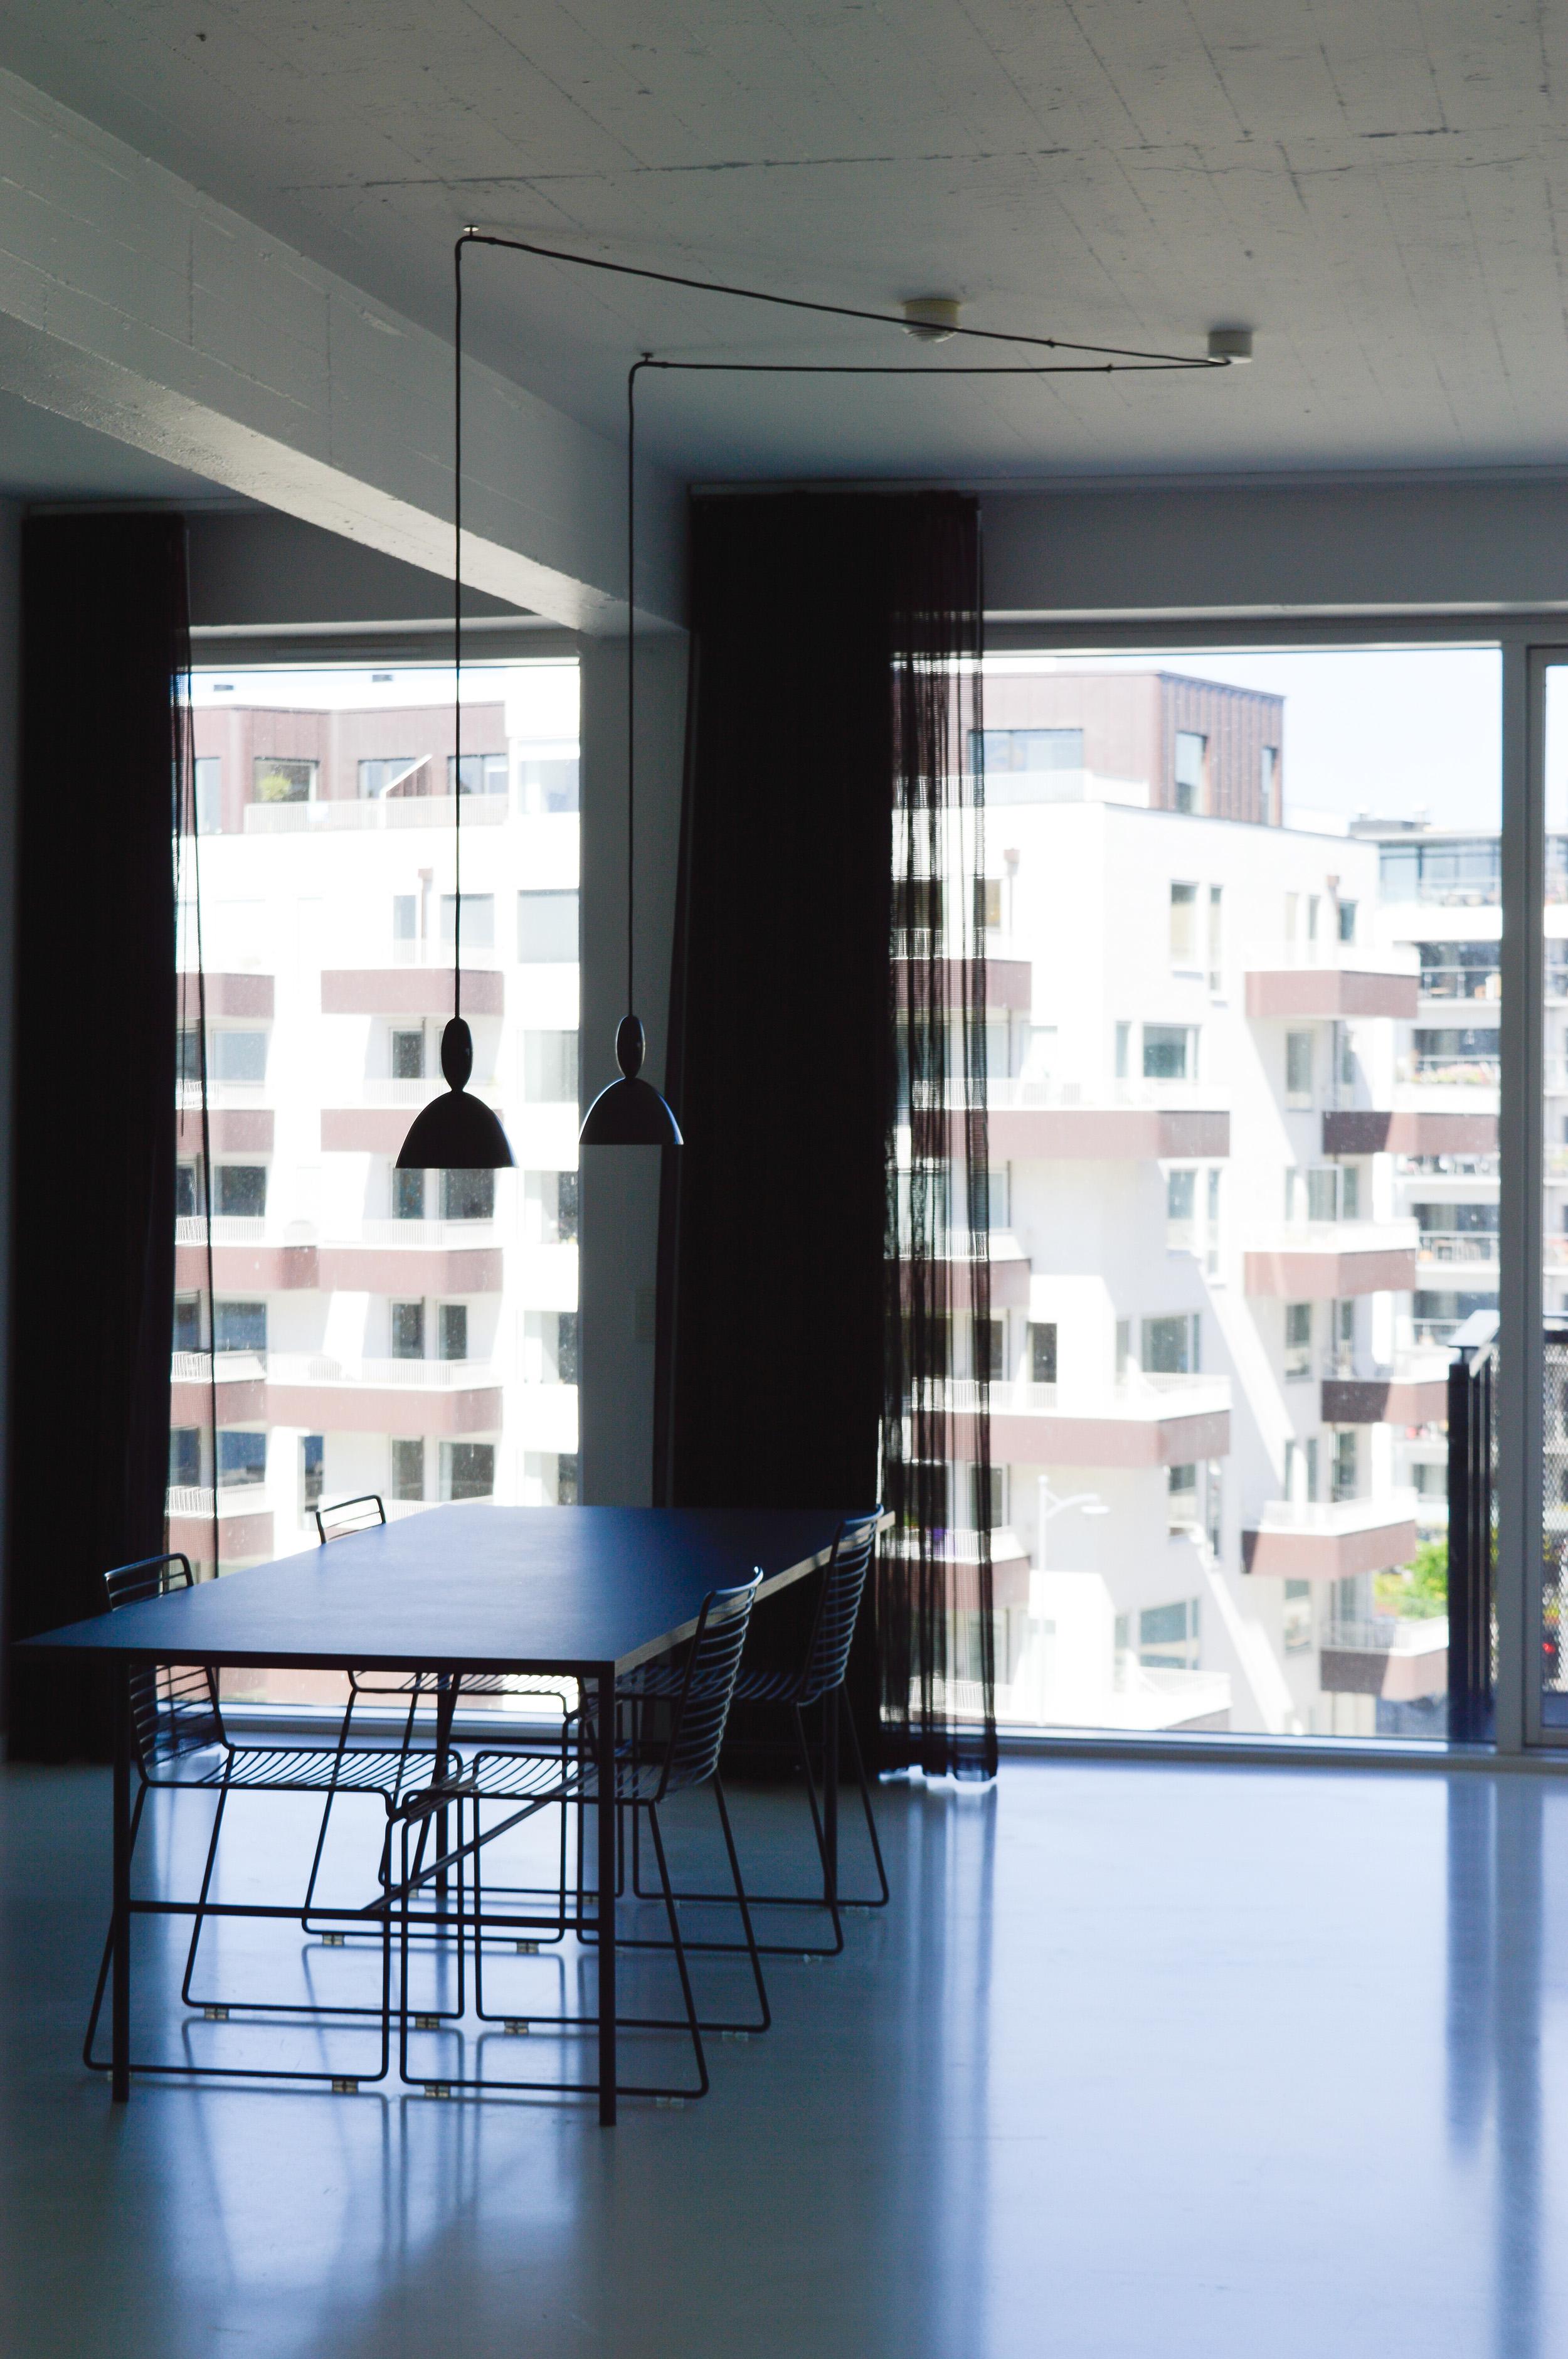 A minimalist dining room